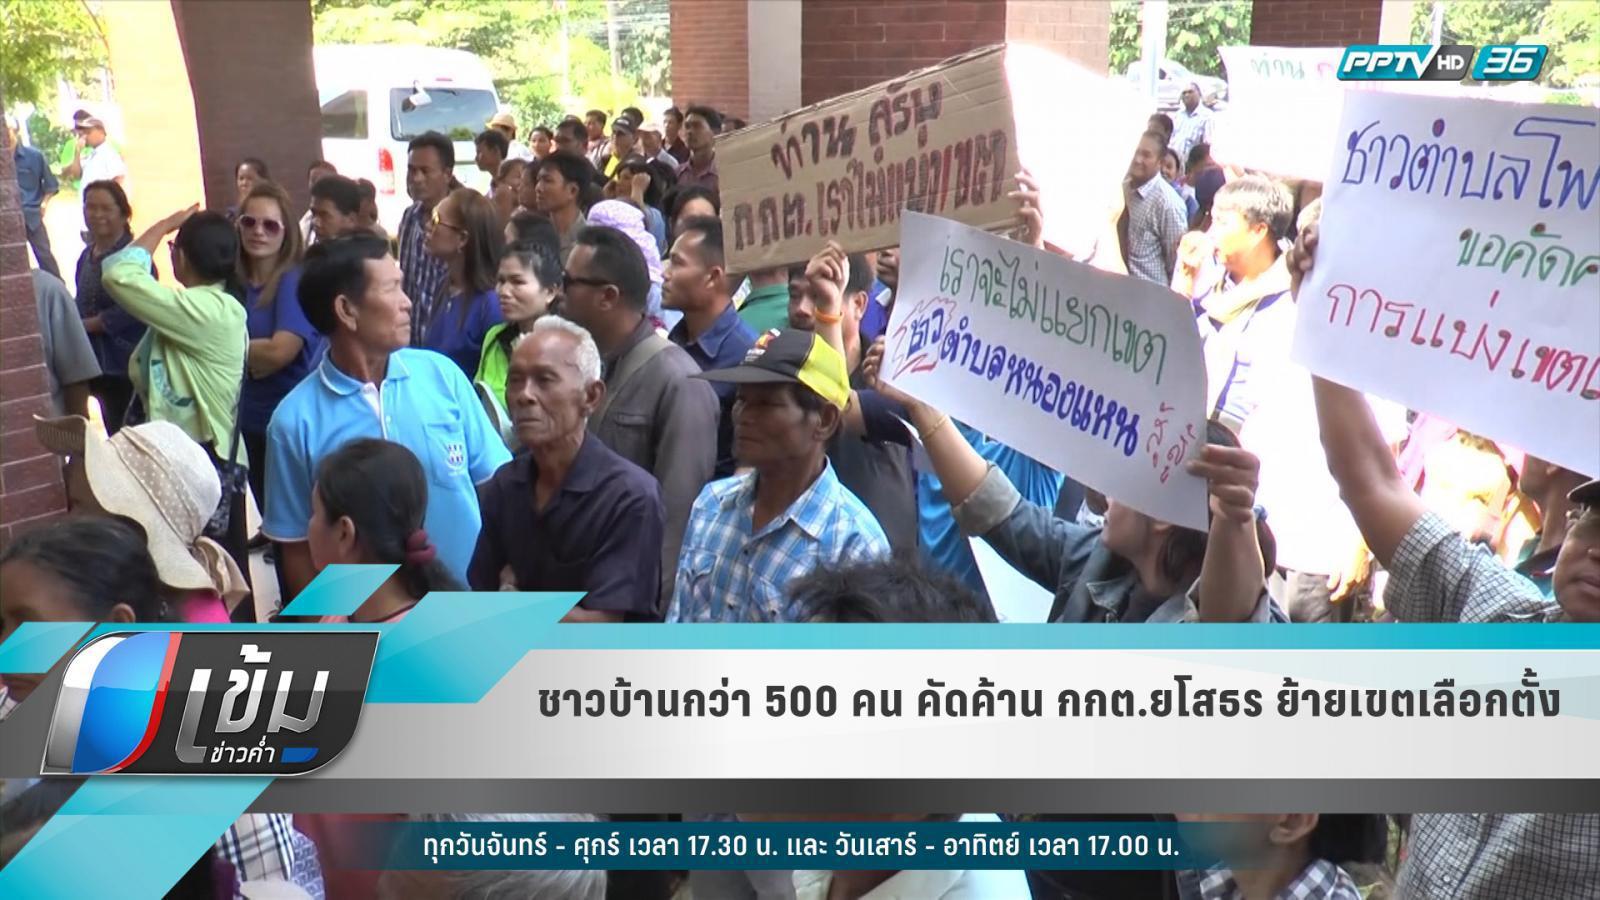 ชาวบ้านกว่า 500 คน คัดค้าน กกต.ยโสธร ย้ายเขตเลือกตั้ง